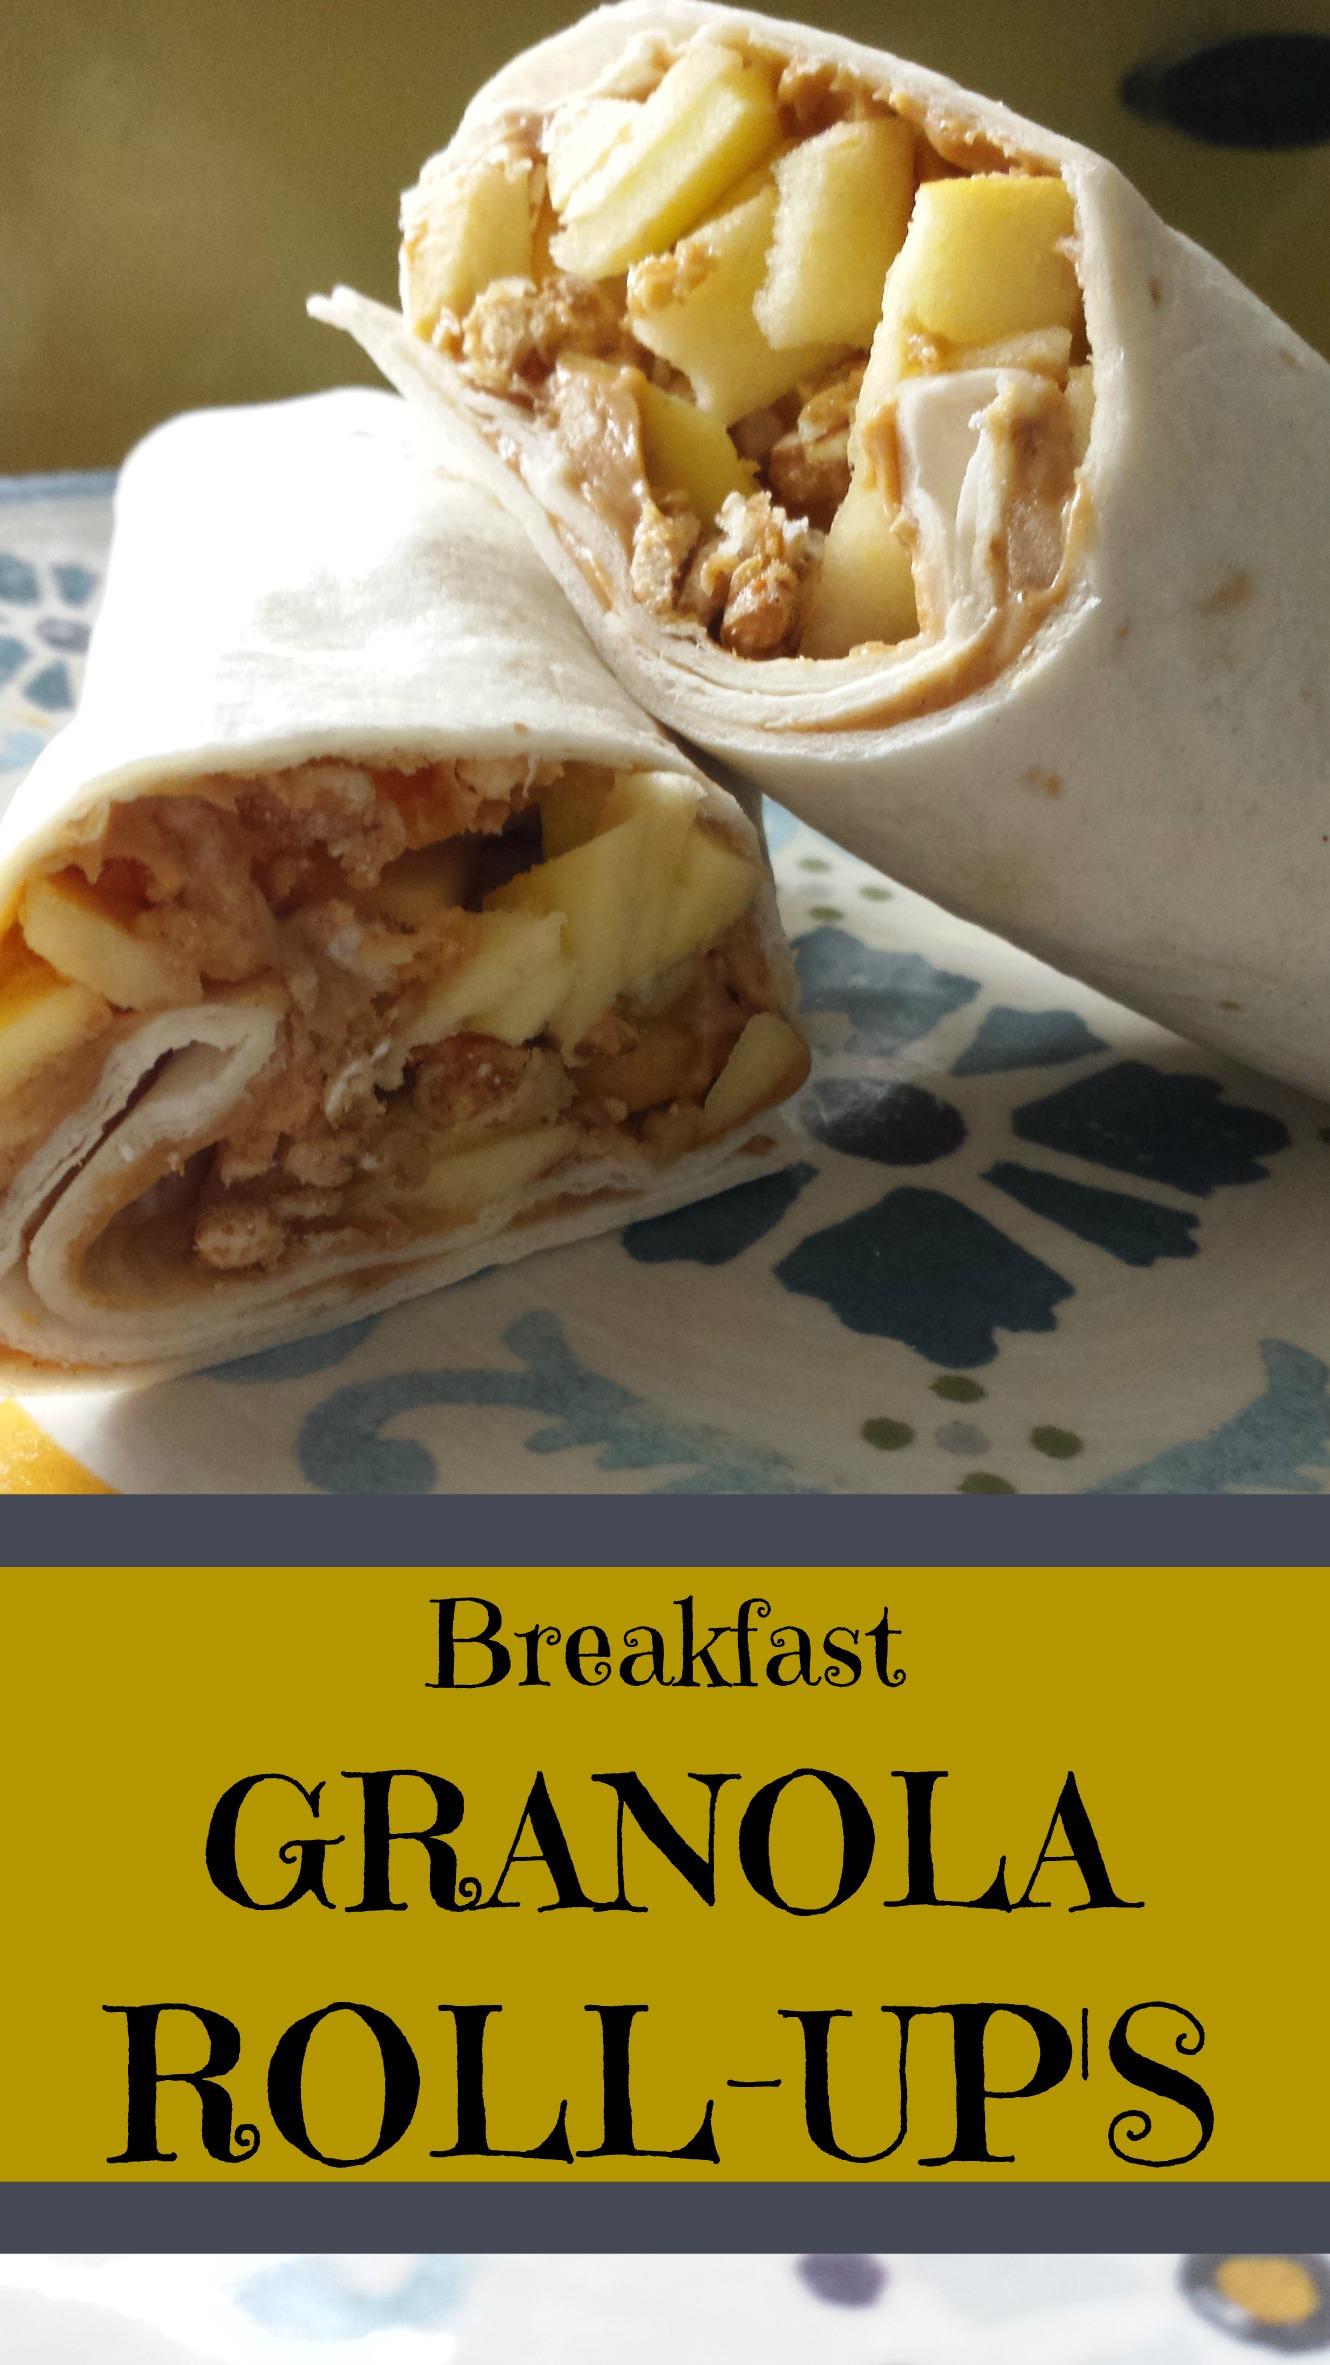 granola rollup